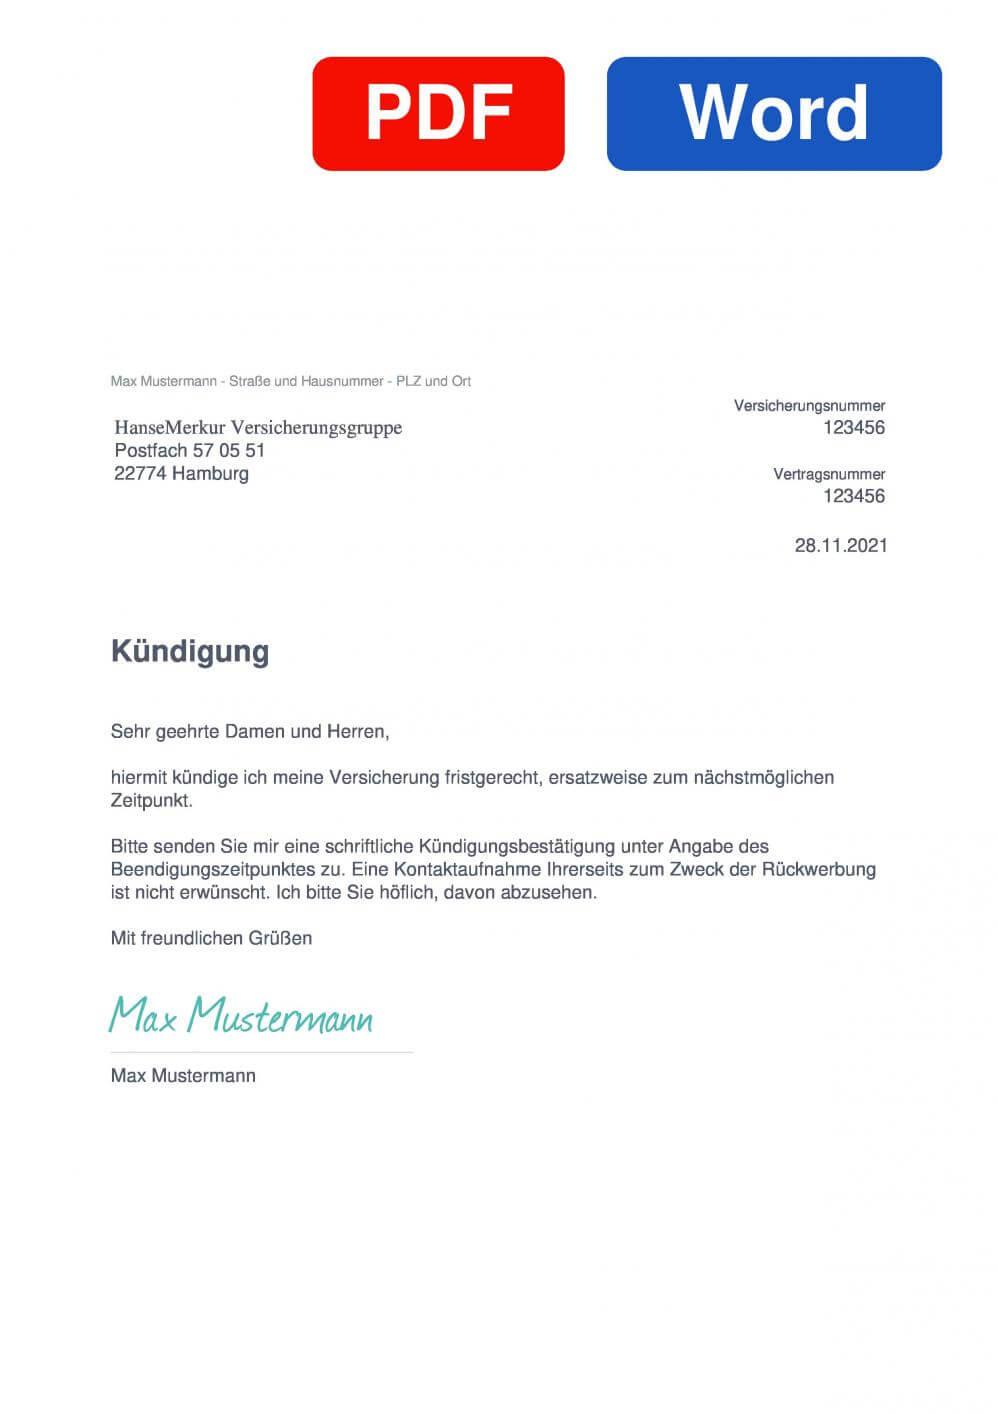 HanseMerkur Brillenversicherung Muster Vorlage für Kündigungsschreiben